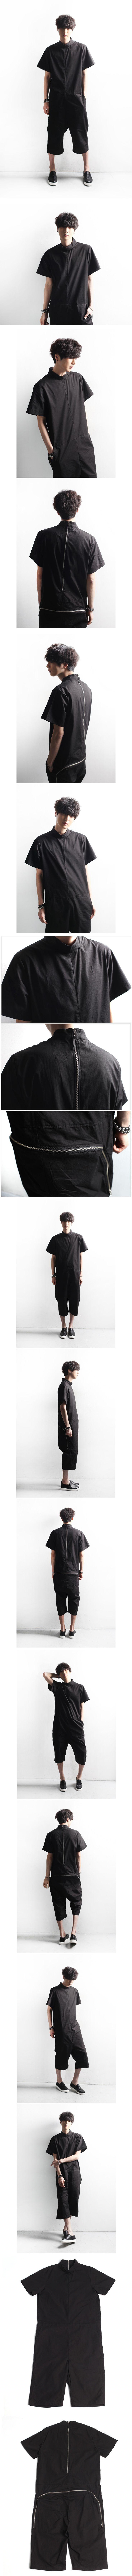 Homens boate Dj Stage calças hiphop personalizado macacão calças justas / M XXL em Calças Casuais de Roupas e Acessórios - Masculino no AliExpress.com | Alibaba Group